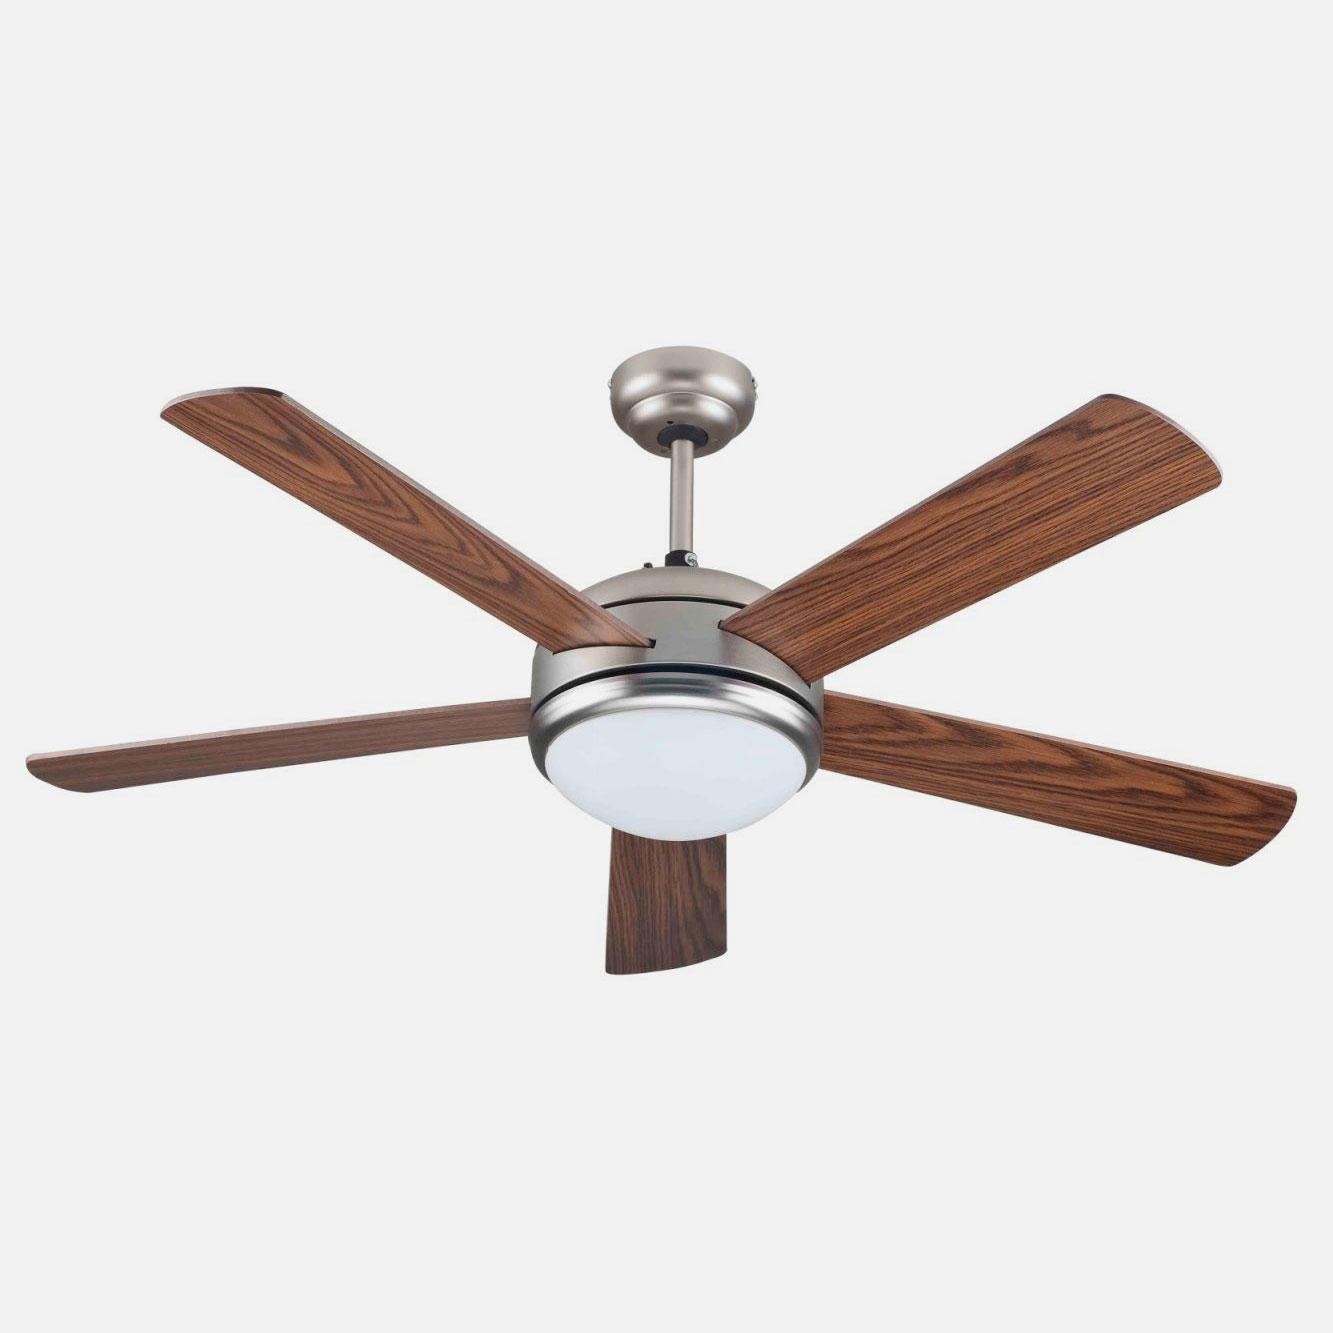 Ventilatore da soffitto con luce 5 pale in legno - Scopri l'offerta su eBay